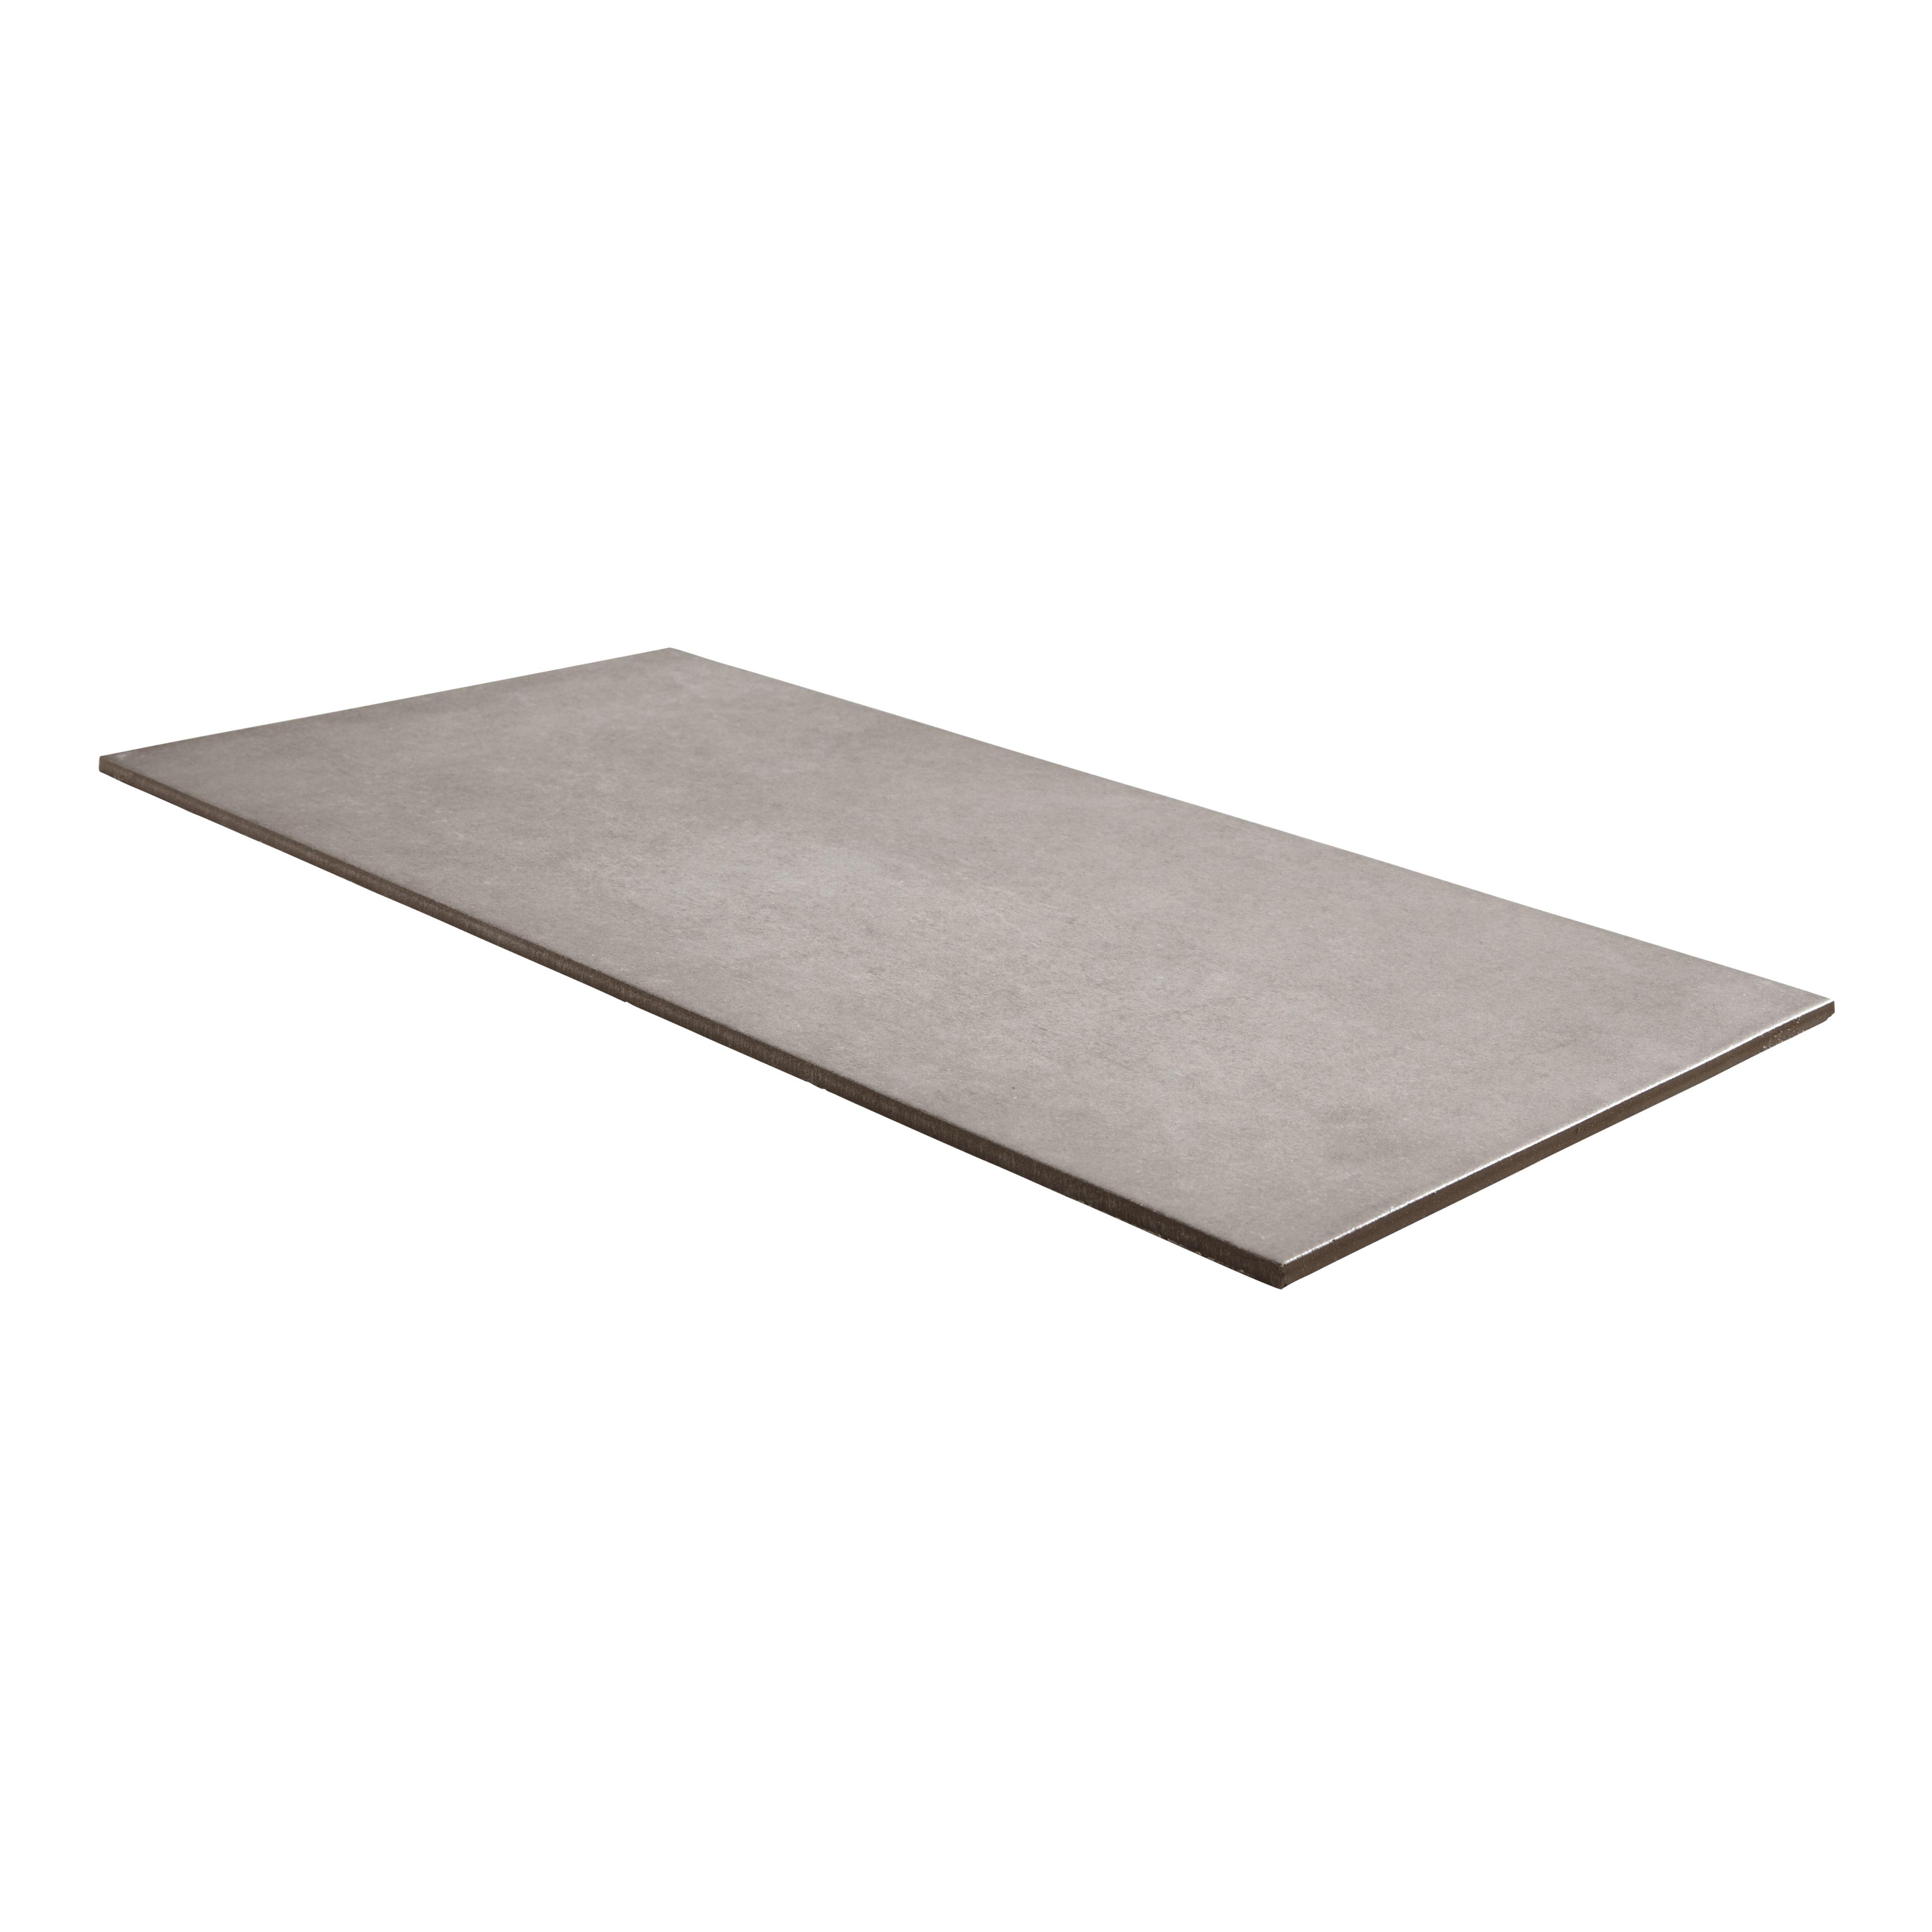 Konkrete Grey Matt Modern Porcelain Floor Tile Pack Of 8 L307mm